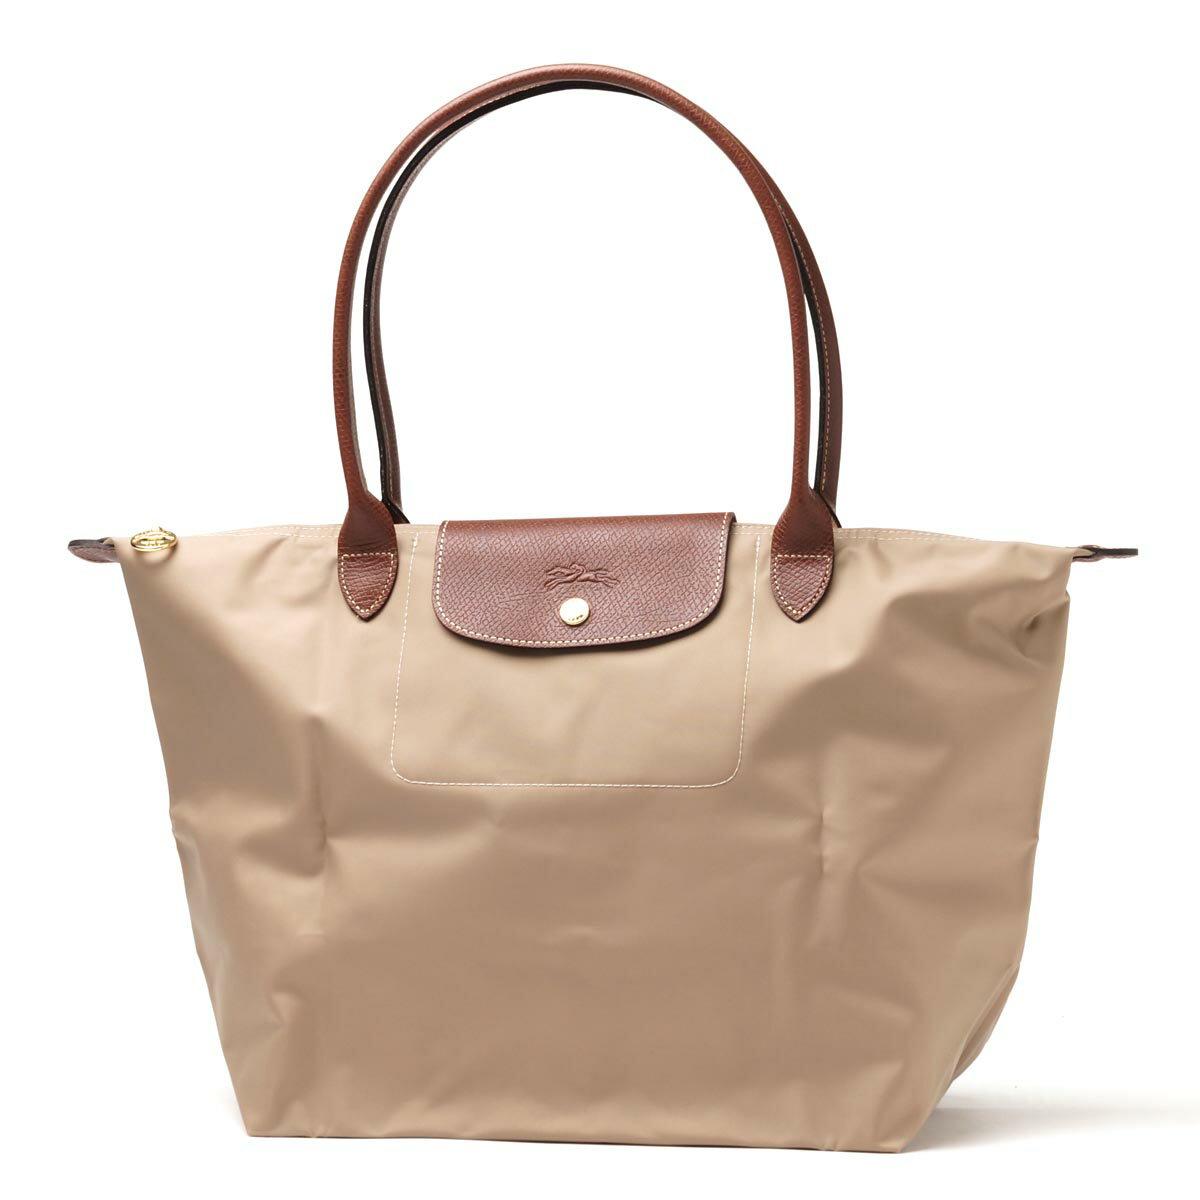 [長柄M號]國外Outlet代購正品 法國巴黎 Longchamp [1899-M號] 長柄 購物袋防水尼龍手提肩背水餃包 卡其色